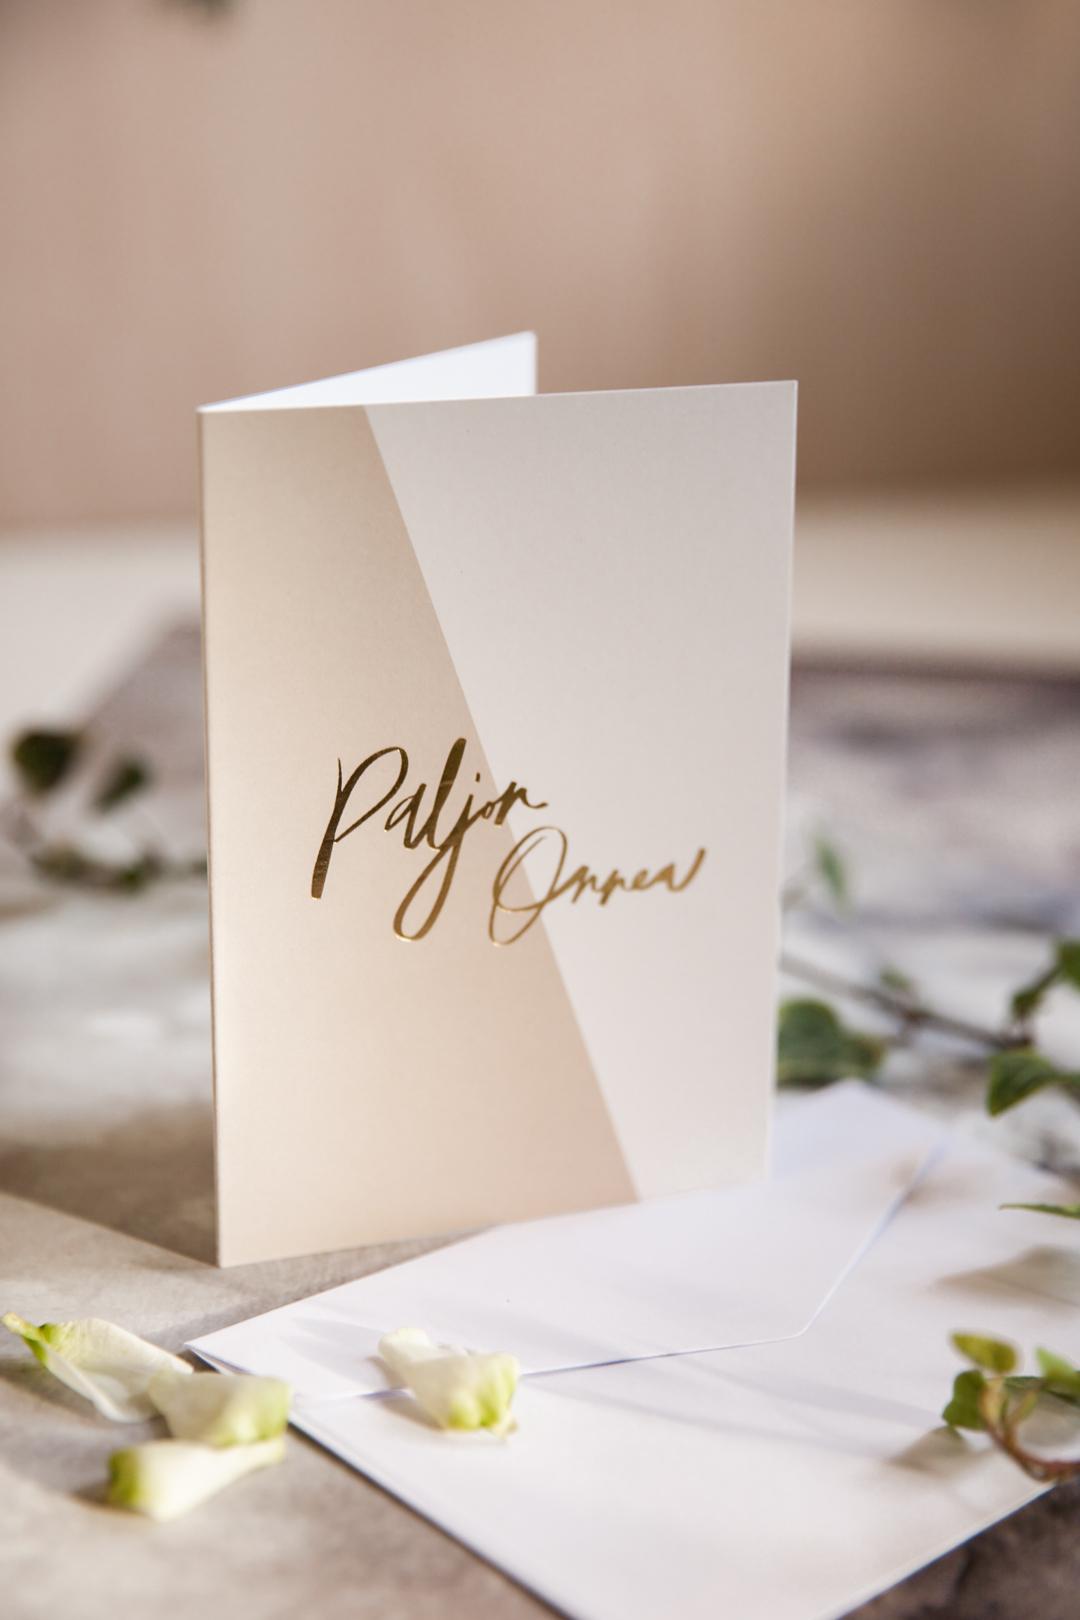 2-osainen kortti | Paljon onnea 1